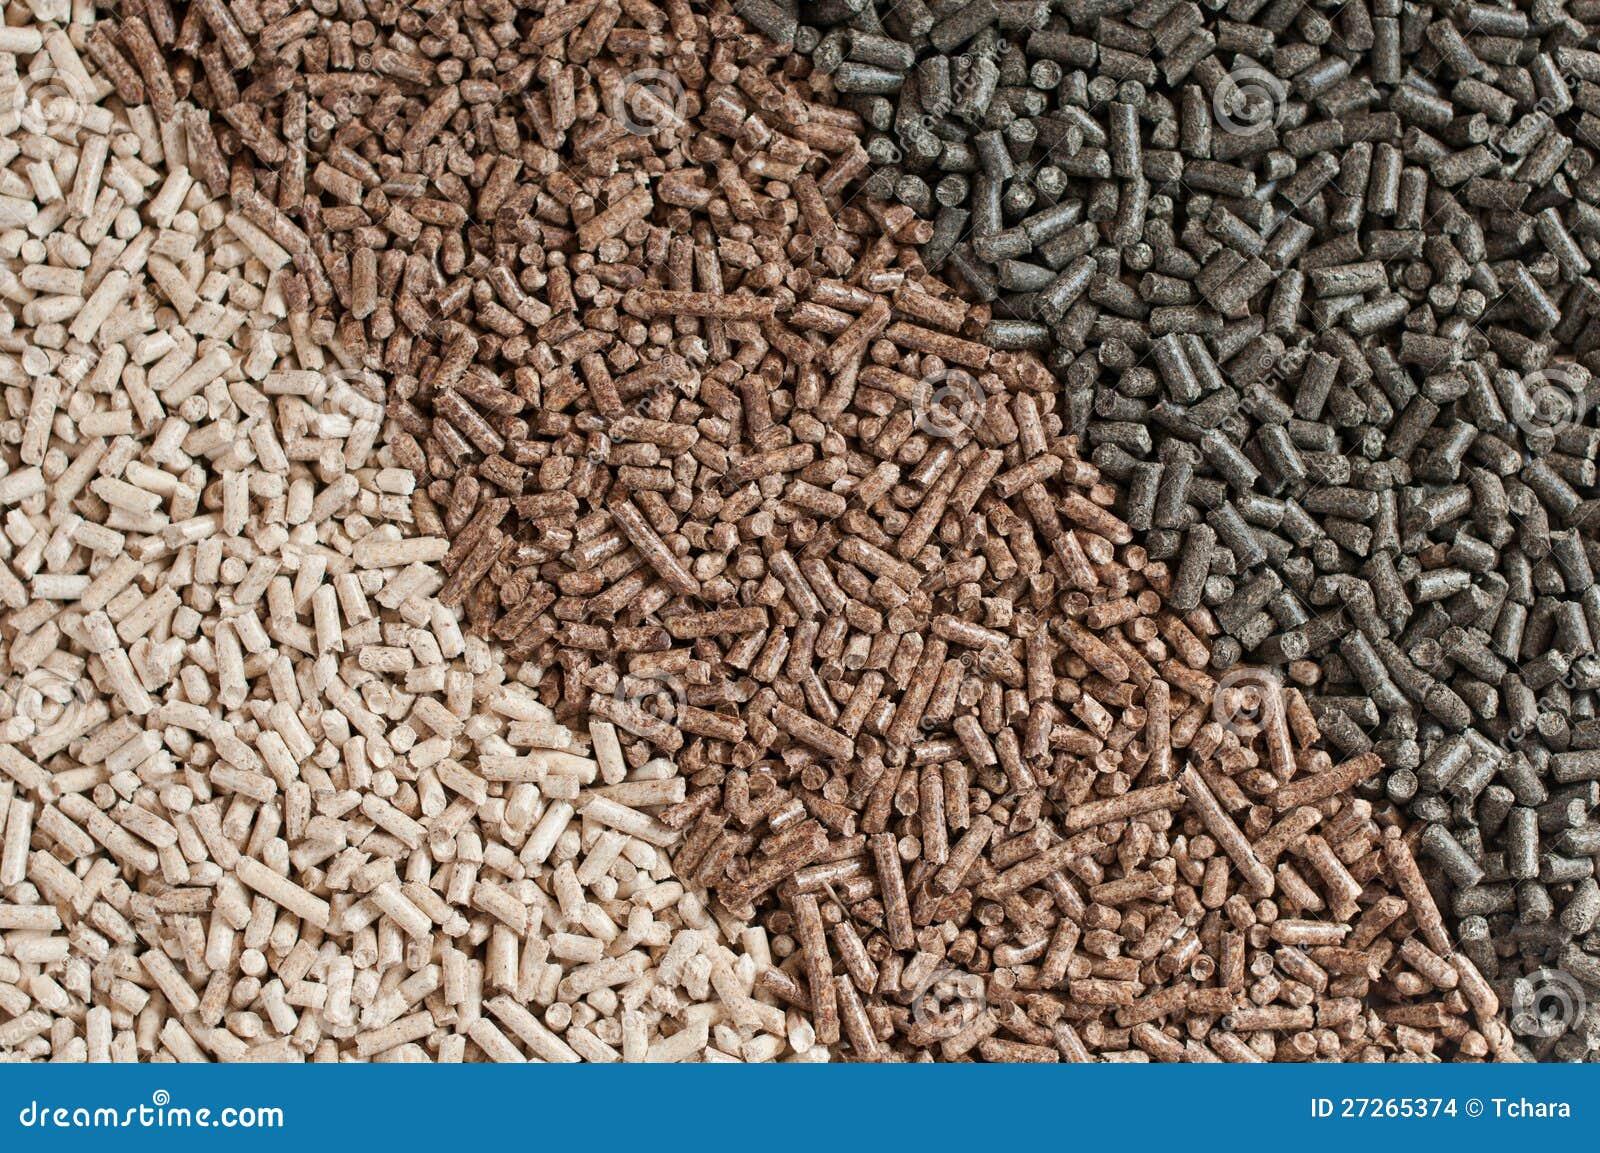 pellets biomass royalty free stock image cartoondealer. Black Bedroom Furniture Sets. Home Design Ideas